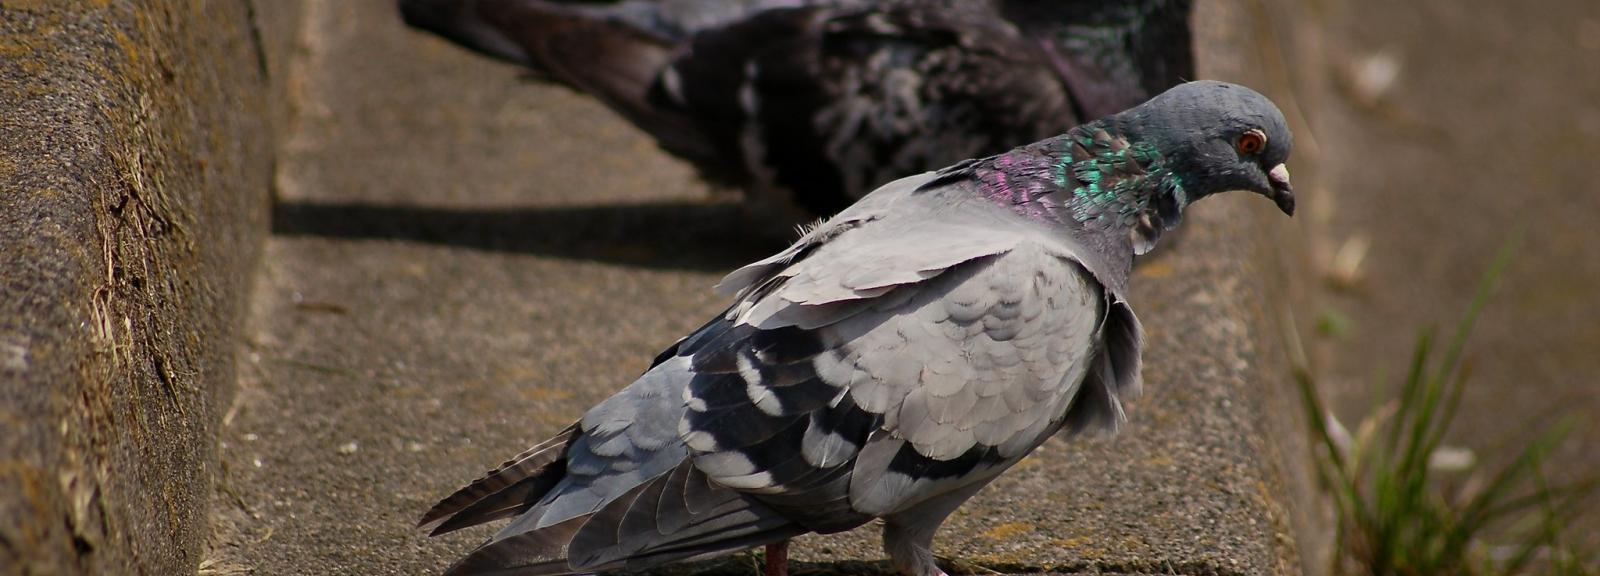 pigeons ©  dennis_ab (Flickr)